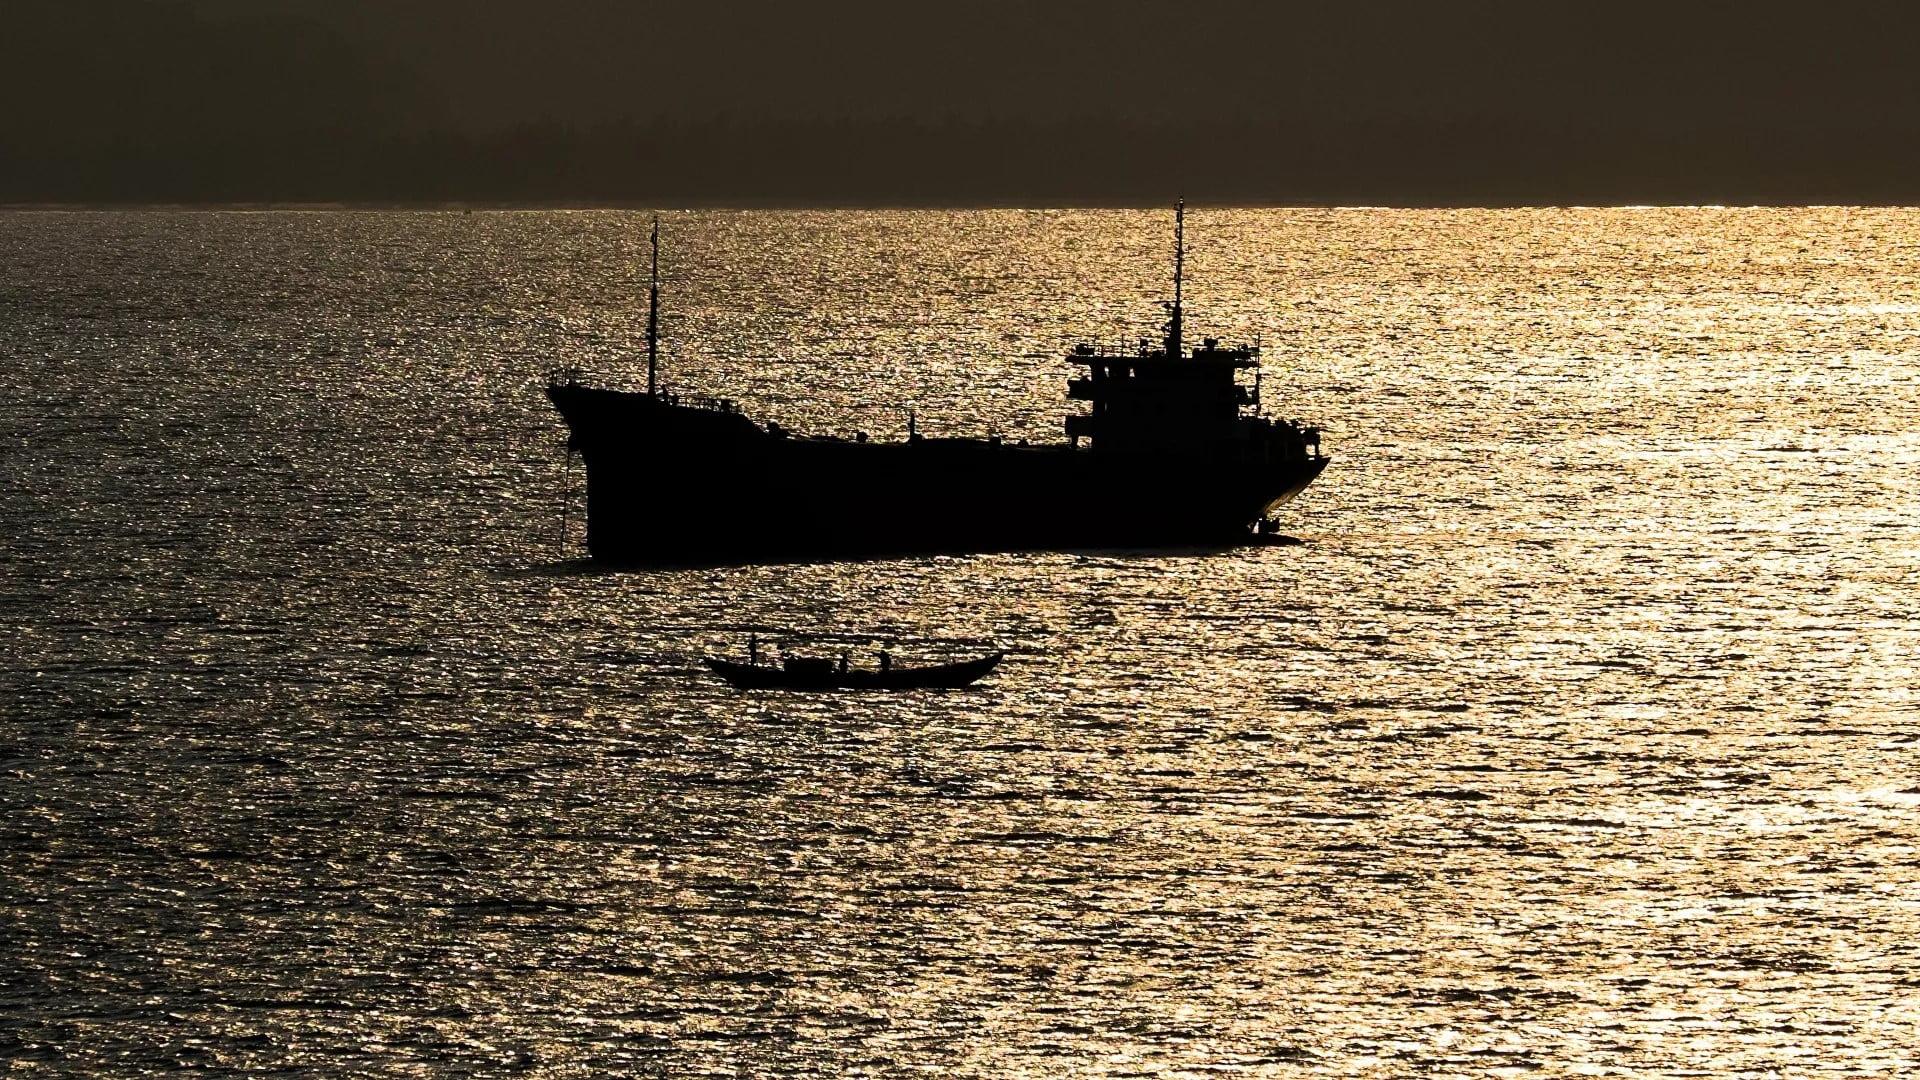 Σύγκρουση ρωσικού με τουρκικό εμπορικό πλοίο στον Βόσπορο